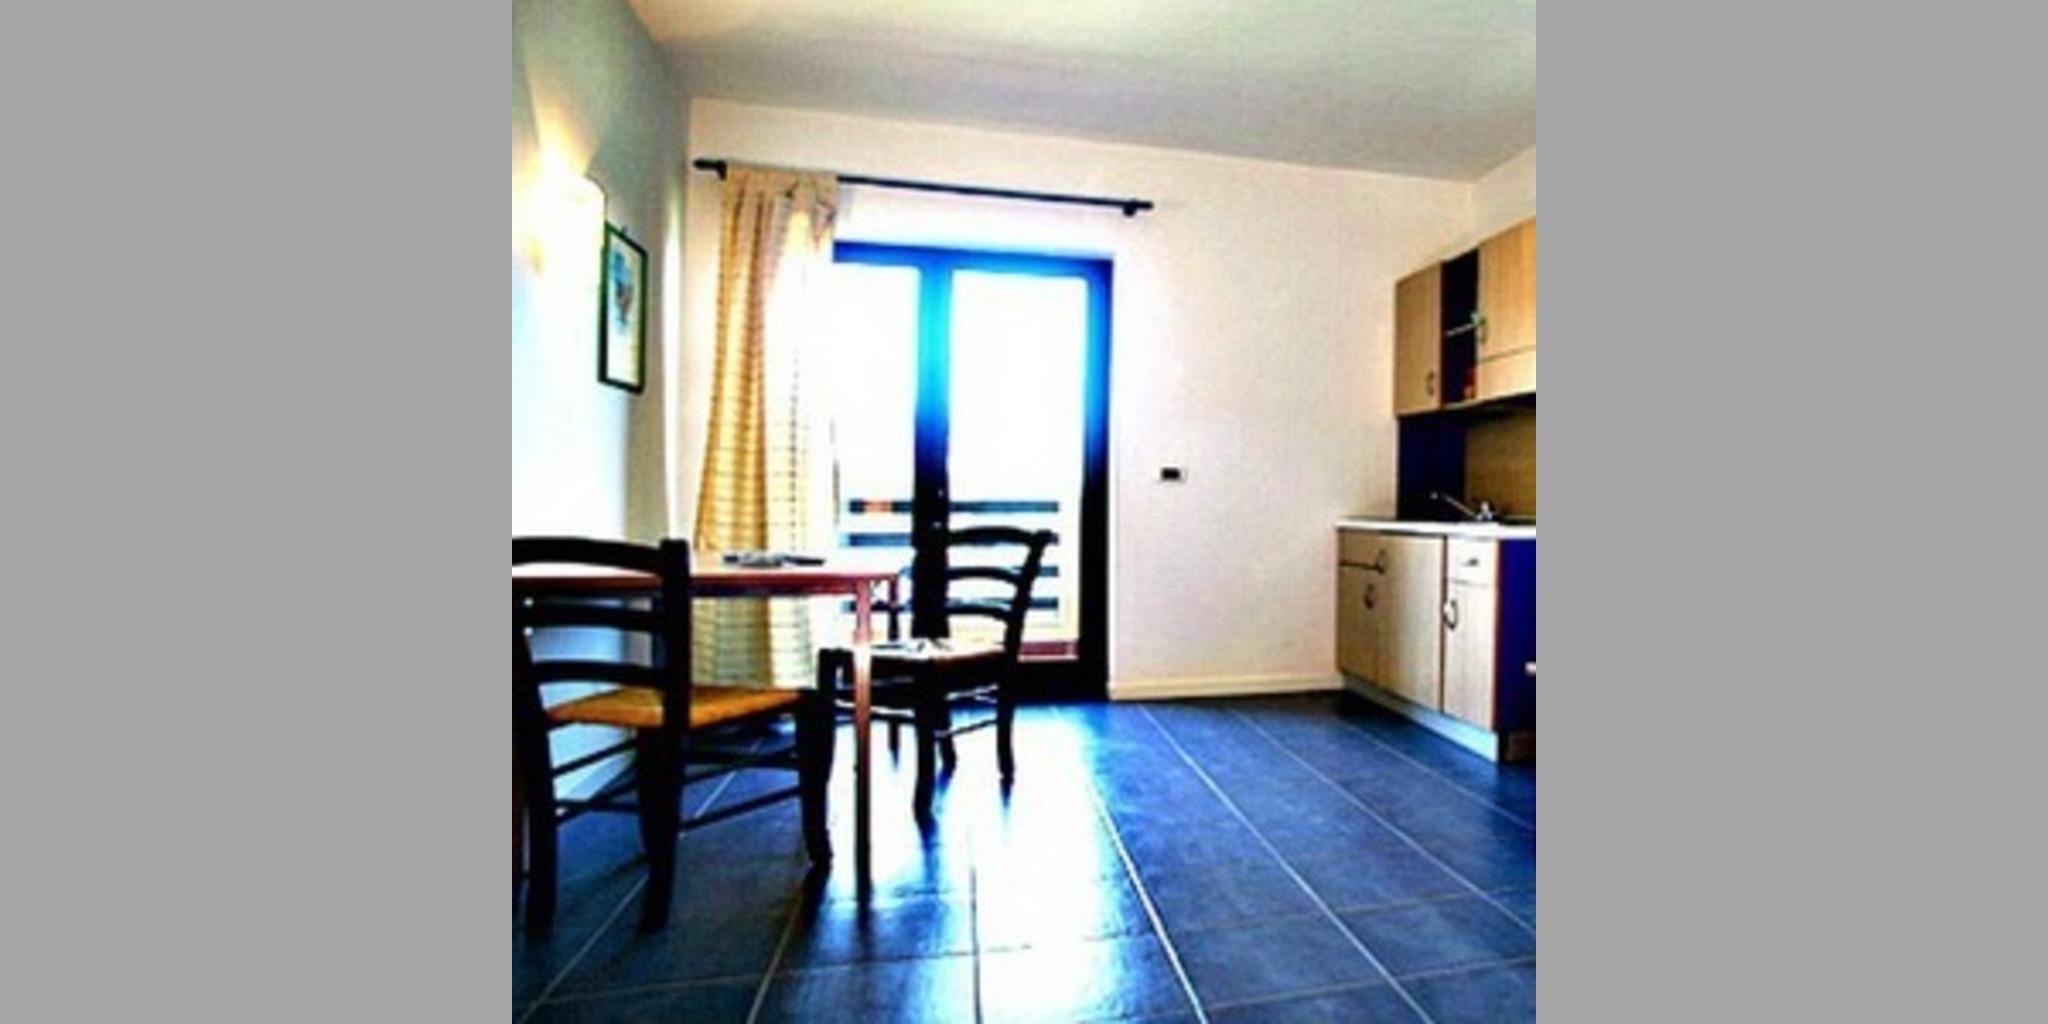 Family Hotel Sant'Andrea Apostolo Dello Ionio - Sant'andrea Dello Ionio_A